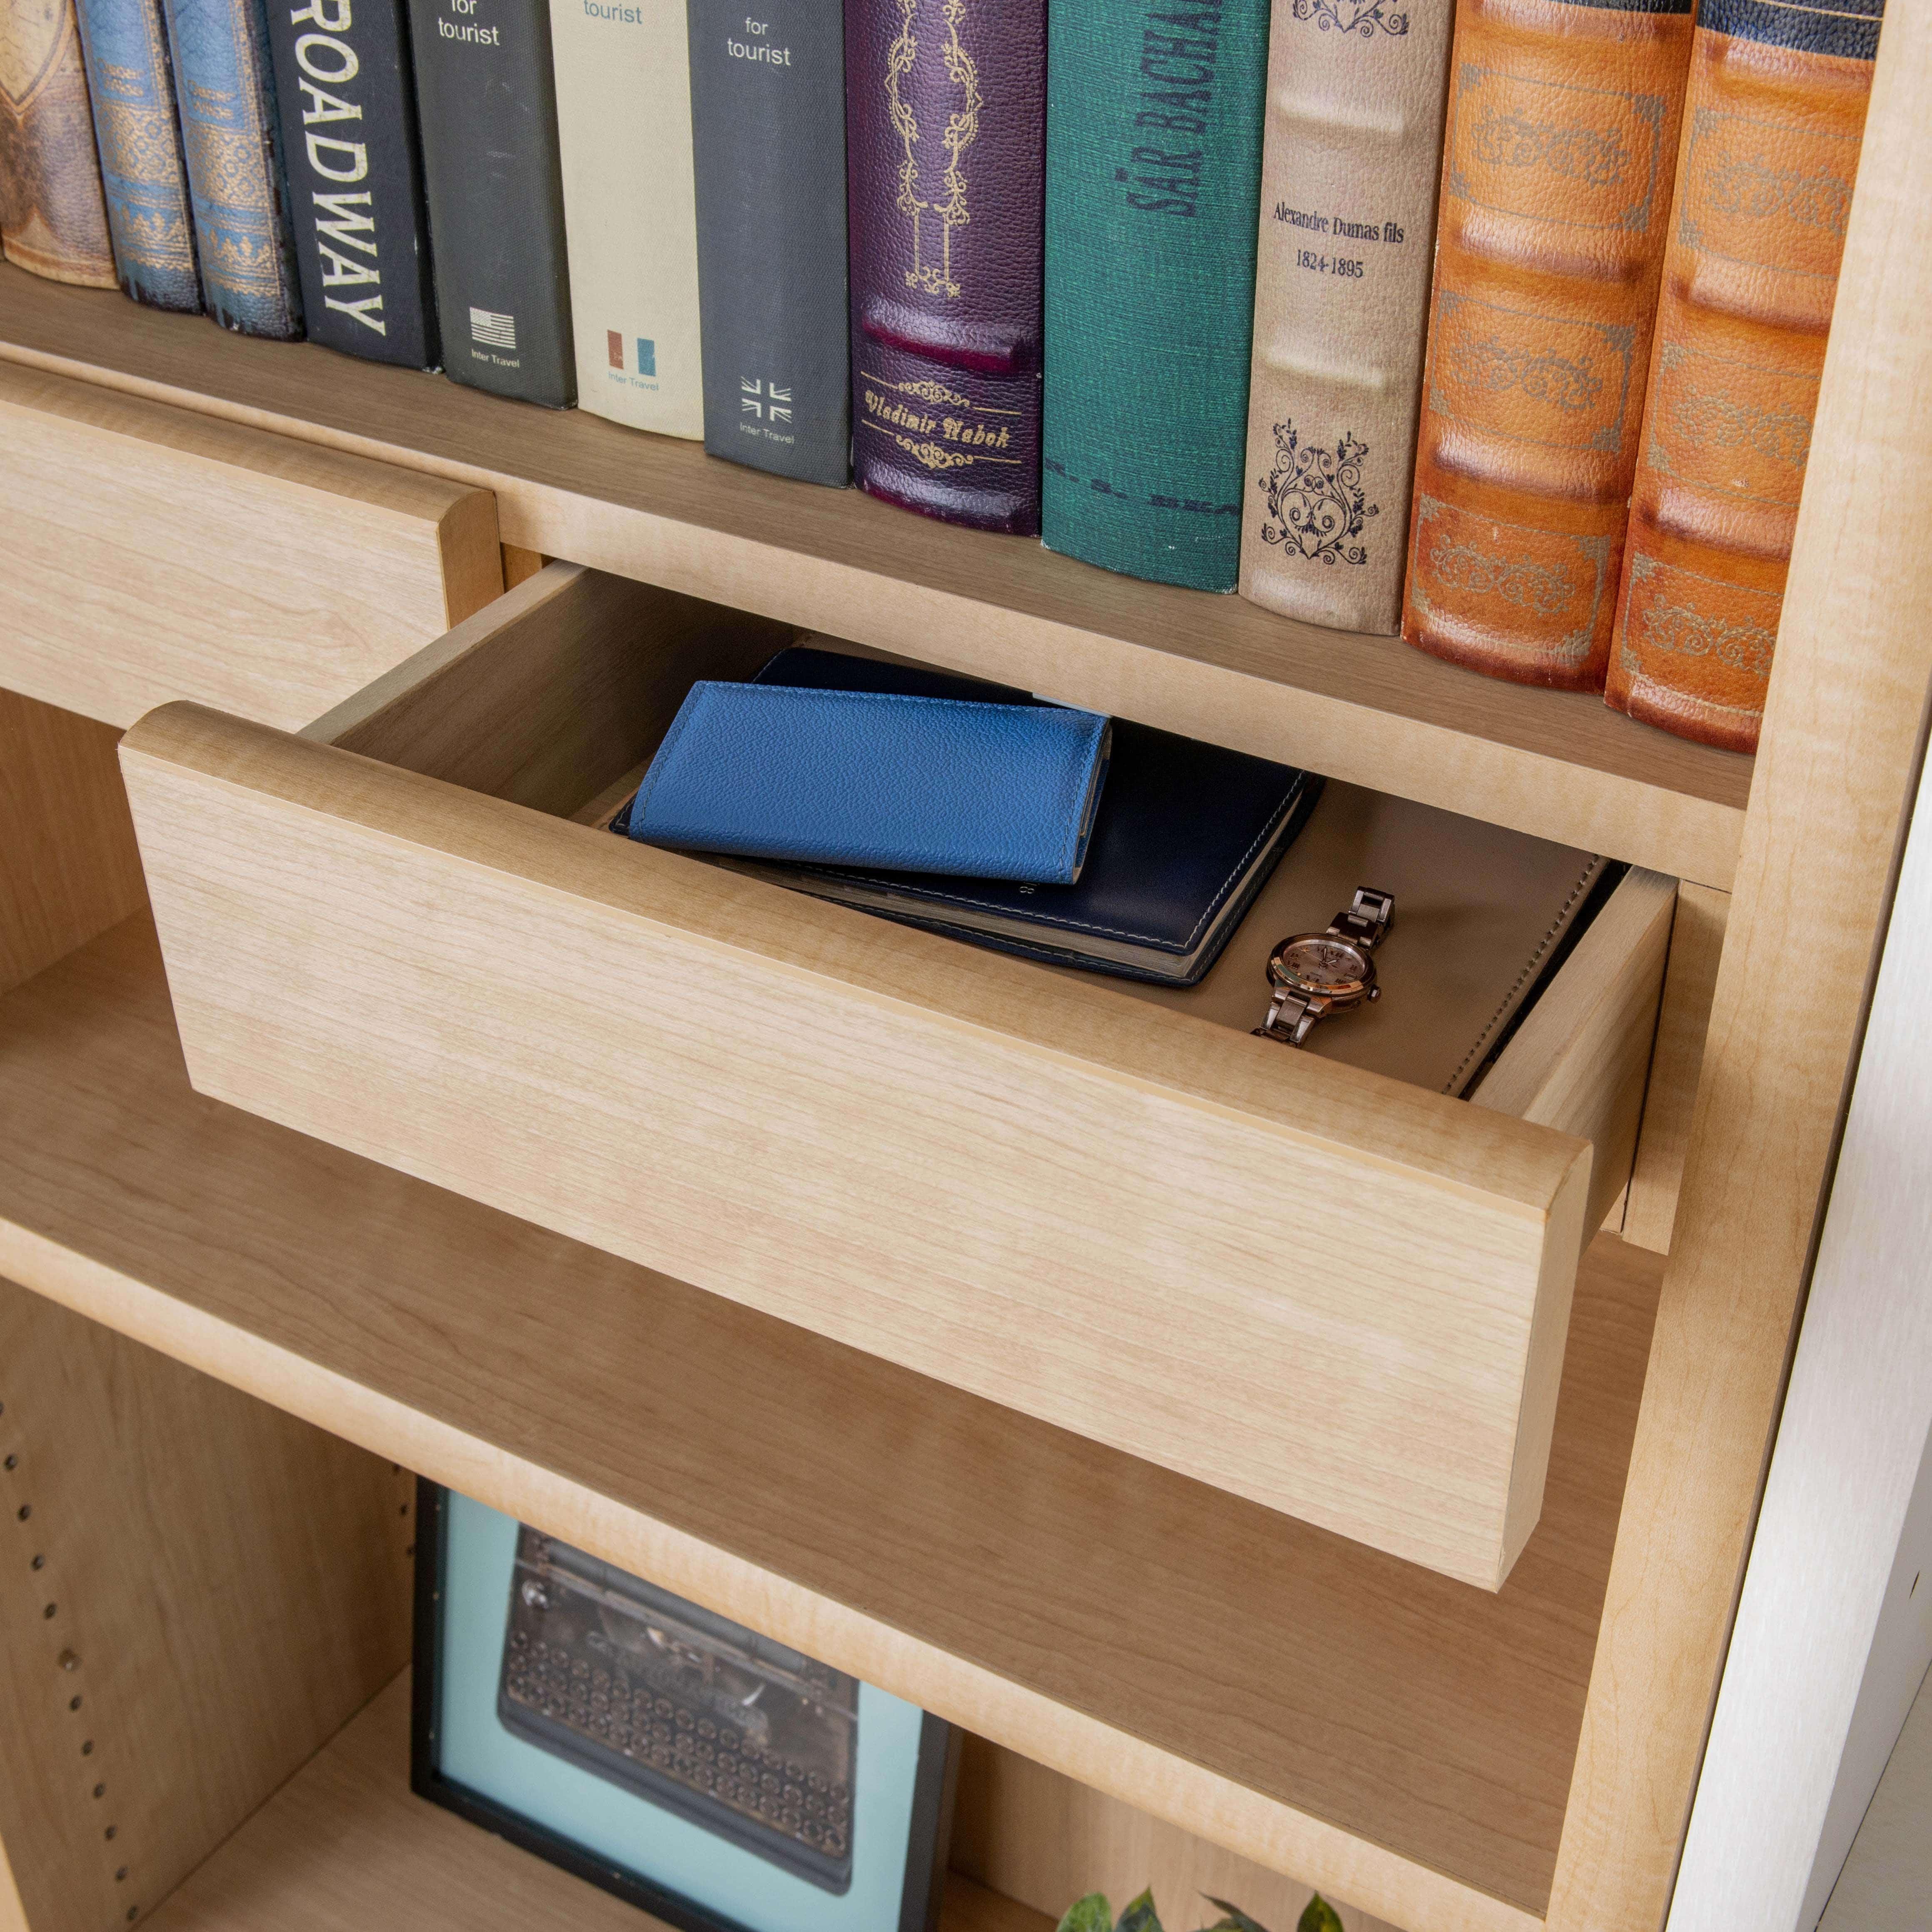 小島工芸 書棚 アコード65H(チェリーナチュラル):収納の幅を広げるオプション引き出し